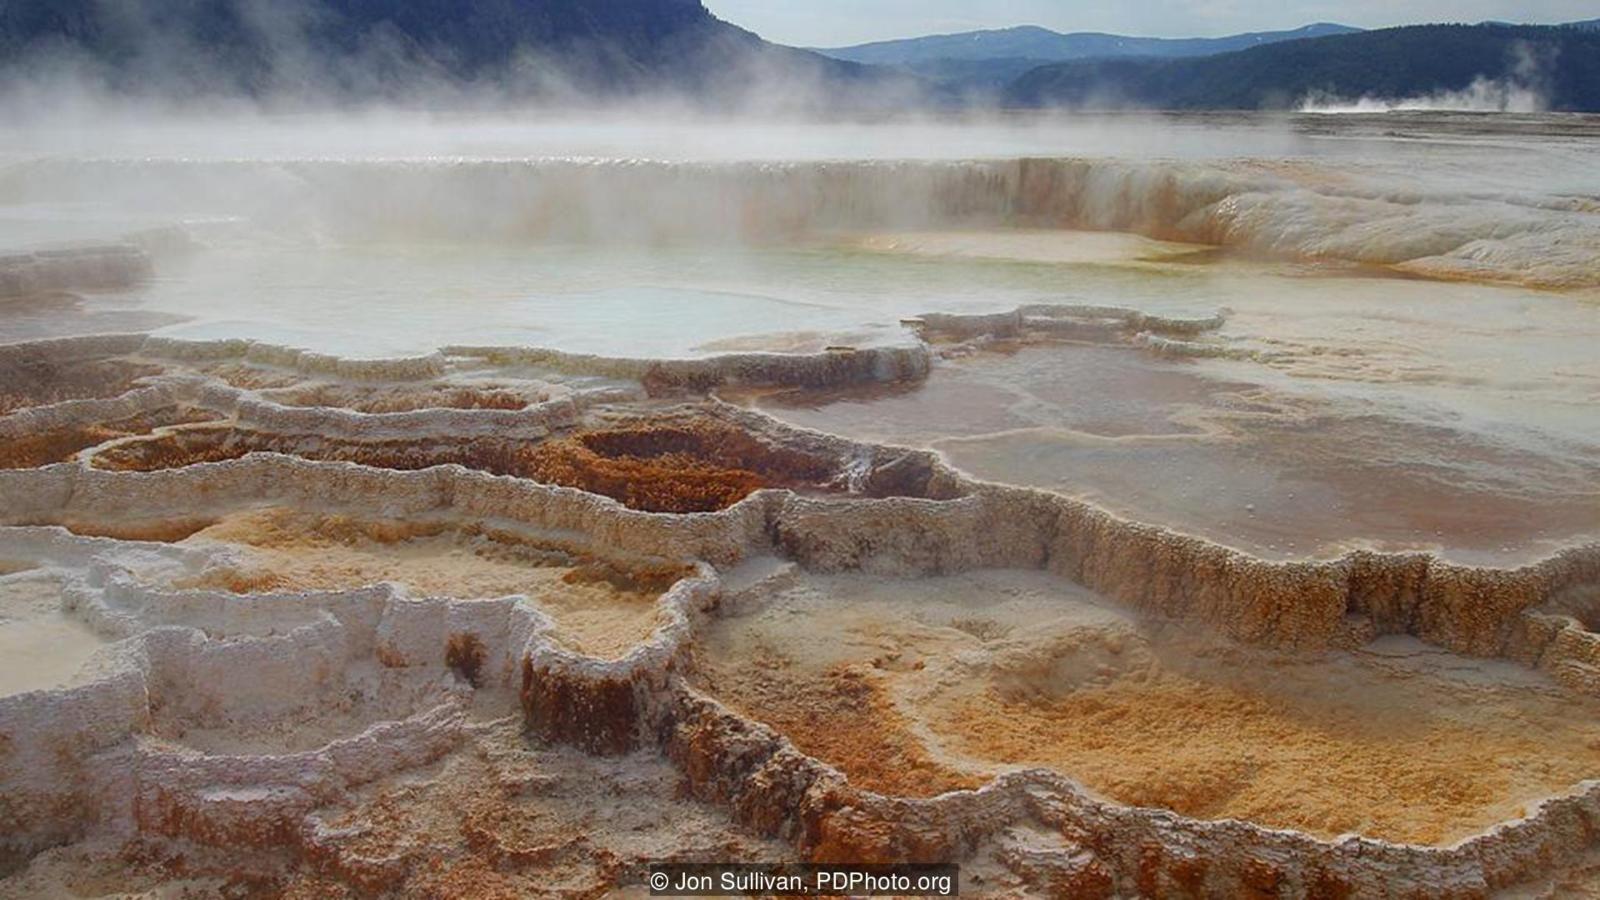 Szostak'ın proto hücreleri aşırı sıcaklıklarda varlığını sürdürebilmektedir.